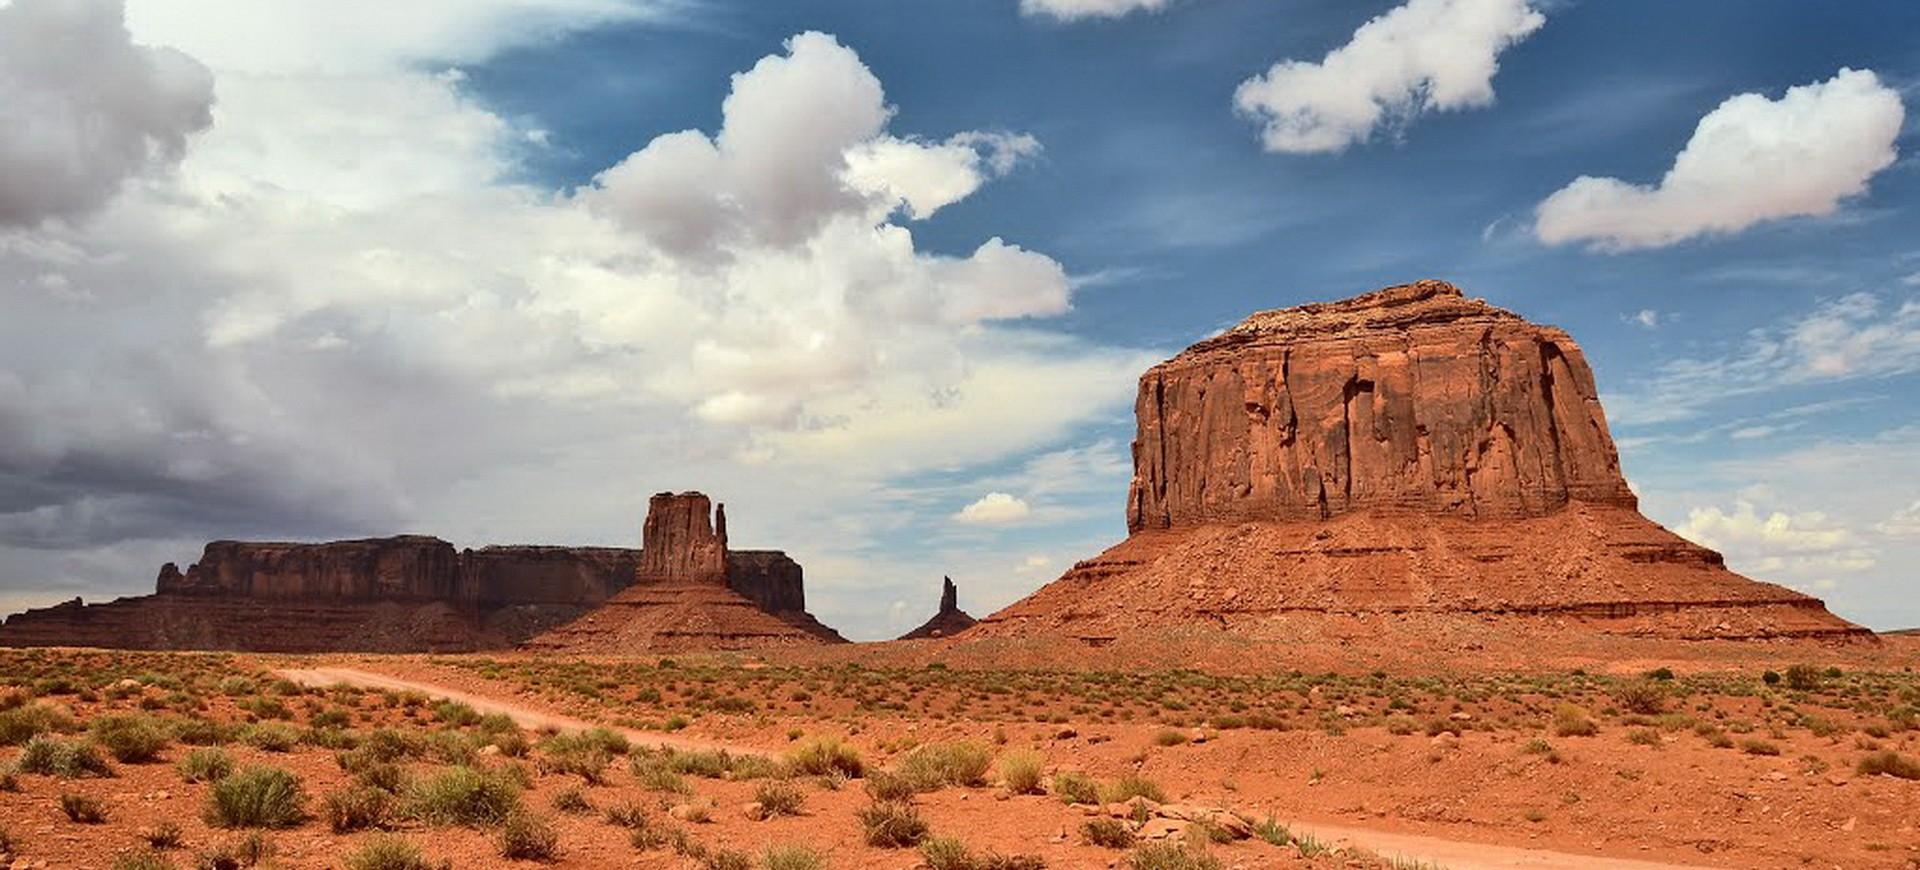 Etats Unis Arizona Monument Valley